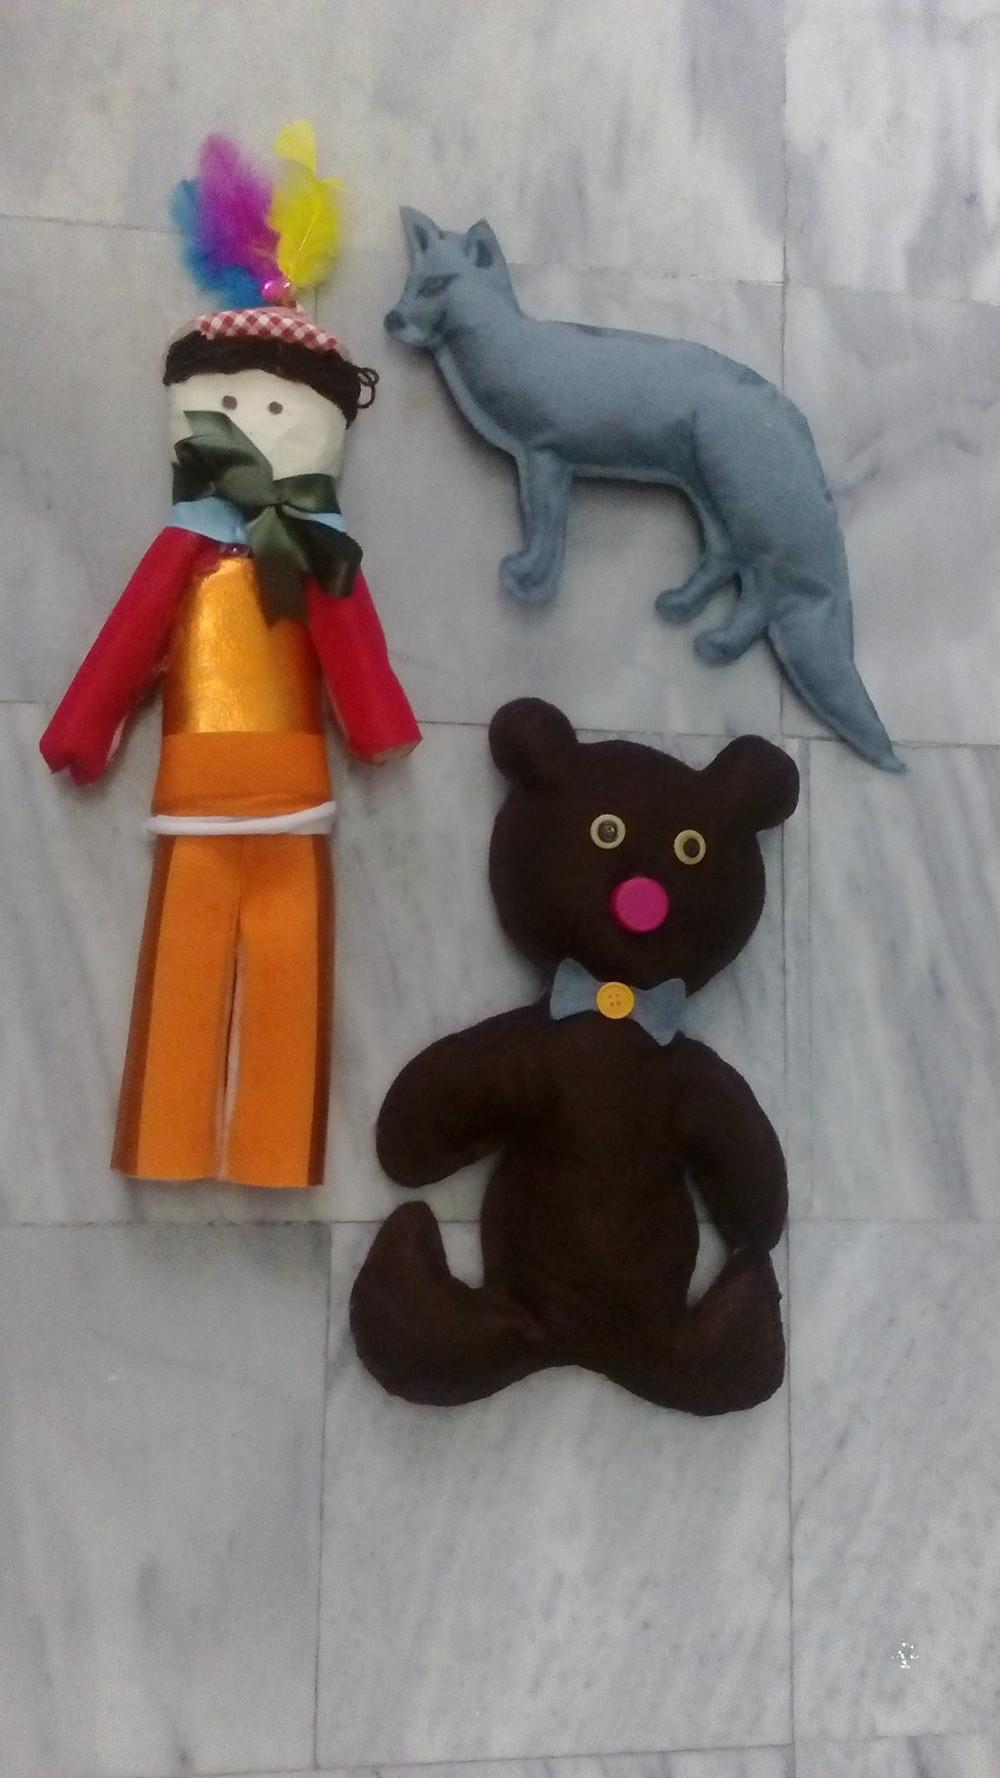 """κούκλες Φιλανδικού παραμυθιού """"How the bear lost its tail"""""""